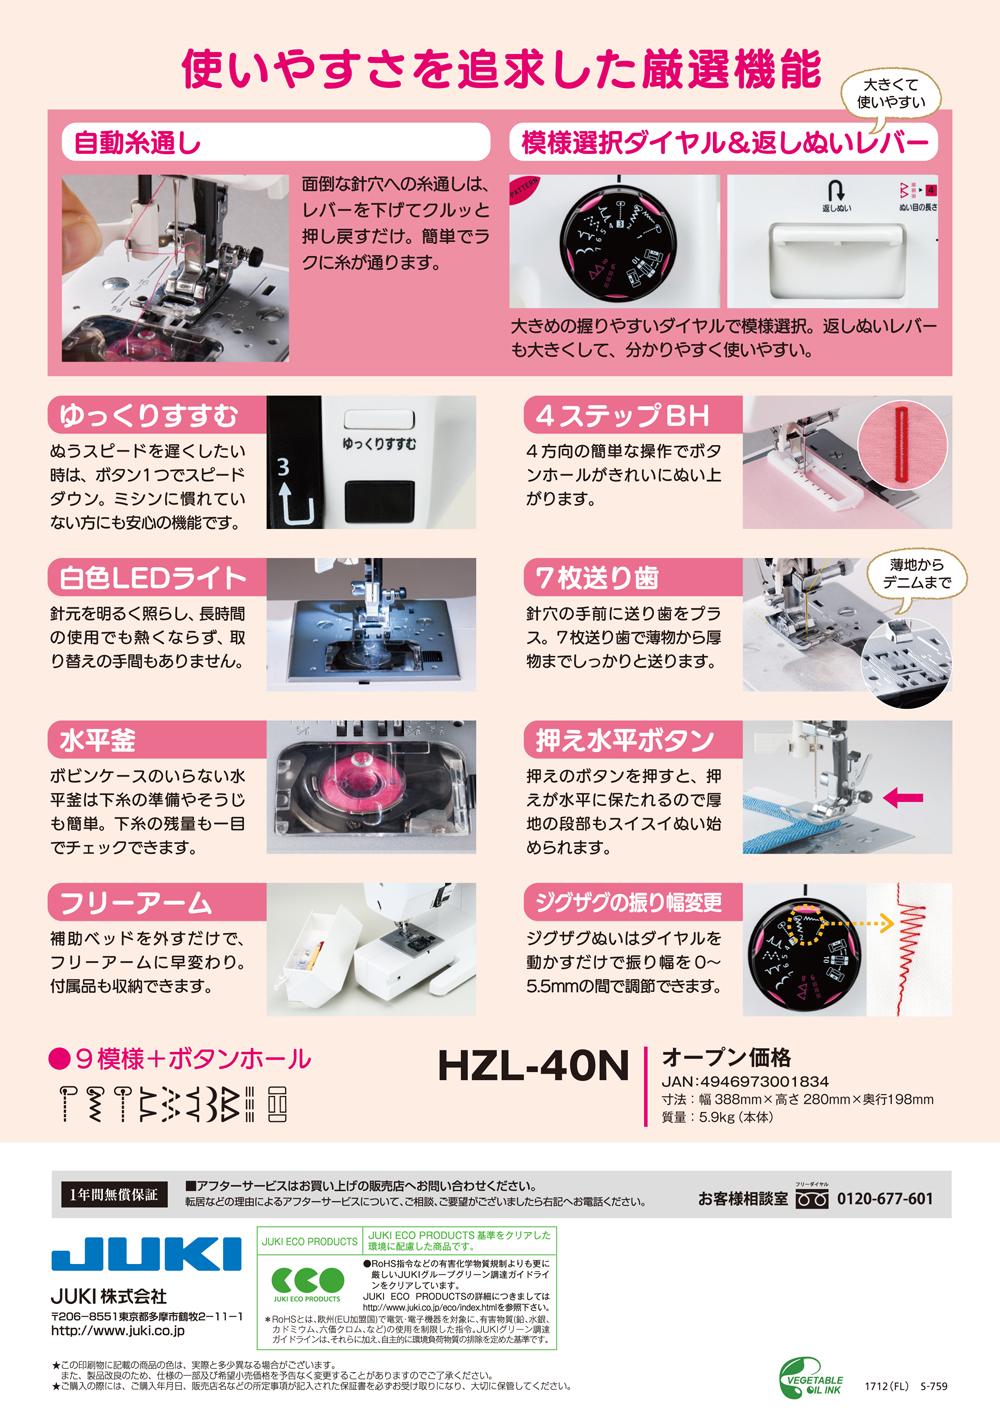 【送料無料】 アウトレットSALE! 家庭用ミシン HZL-40N 1年保証